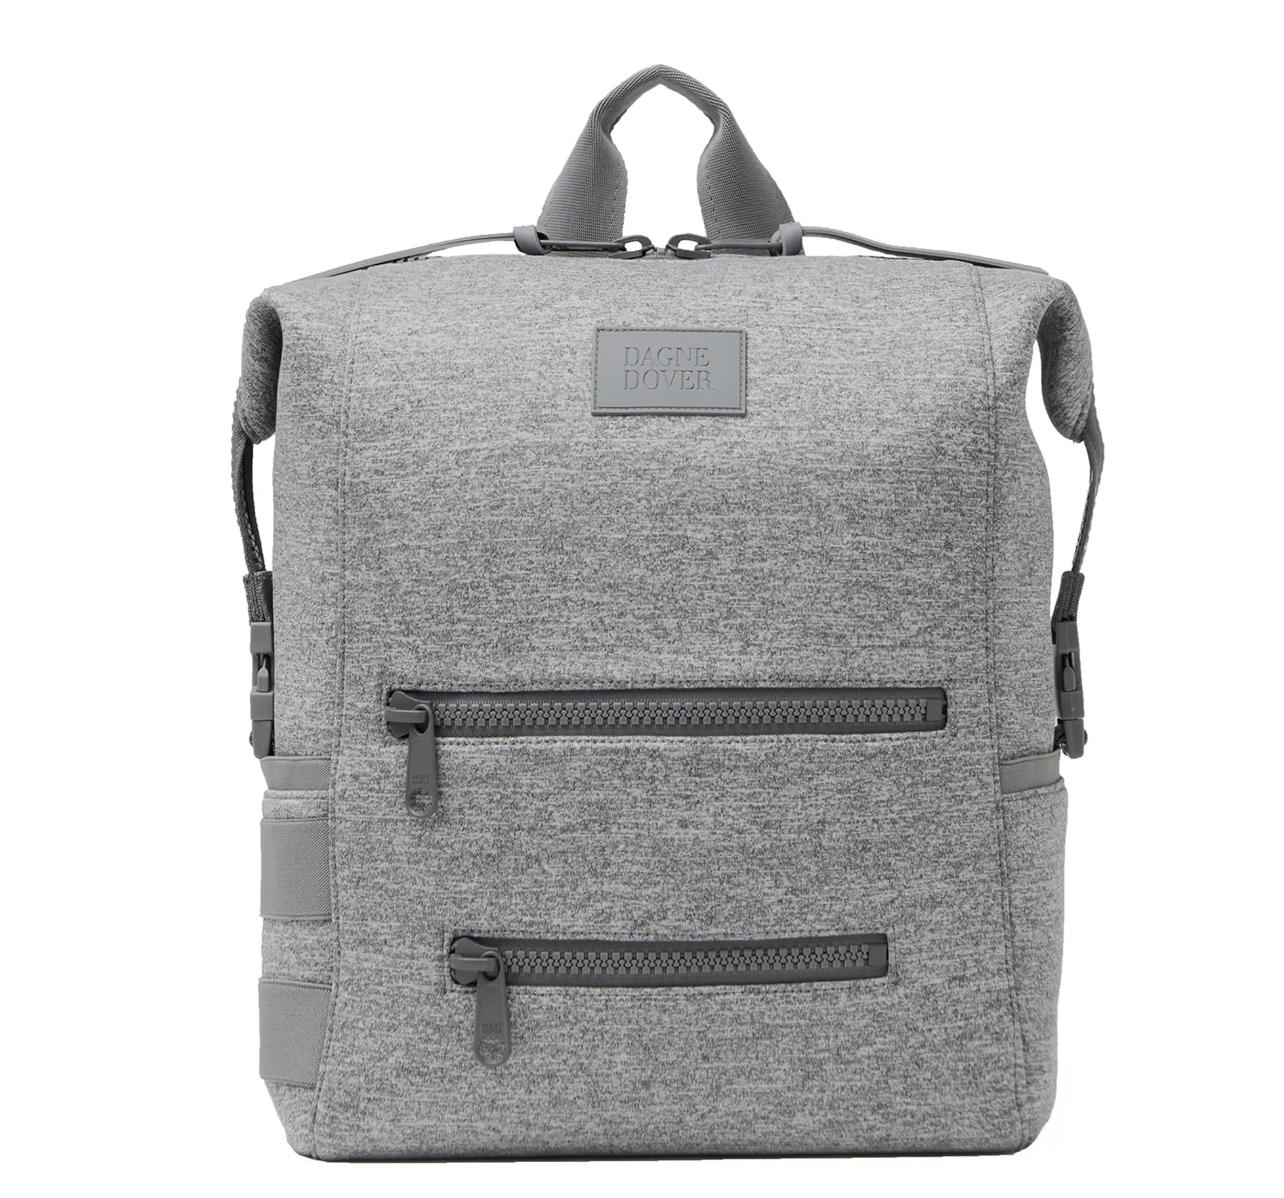 Indi Diaper Backpack